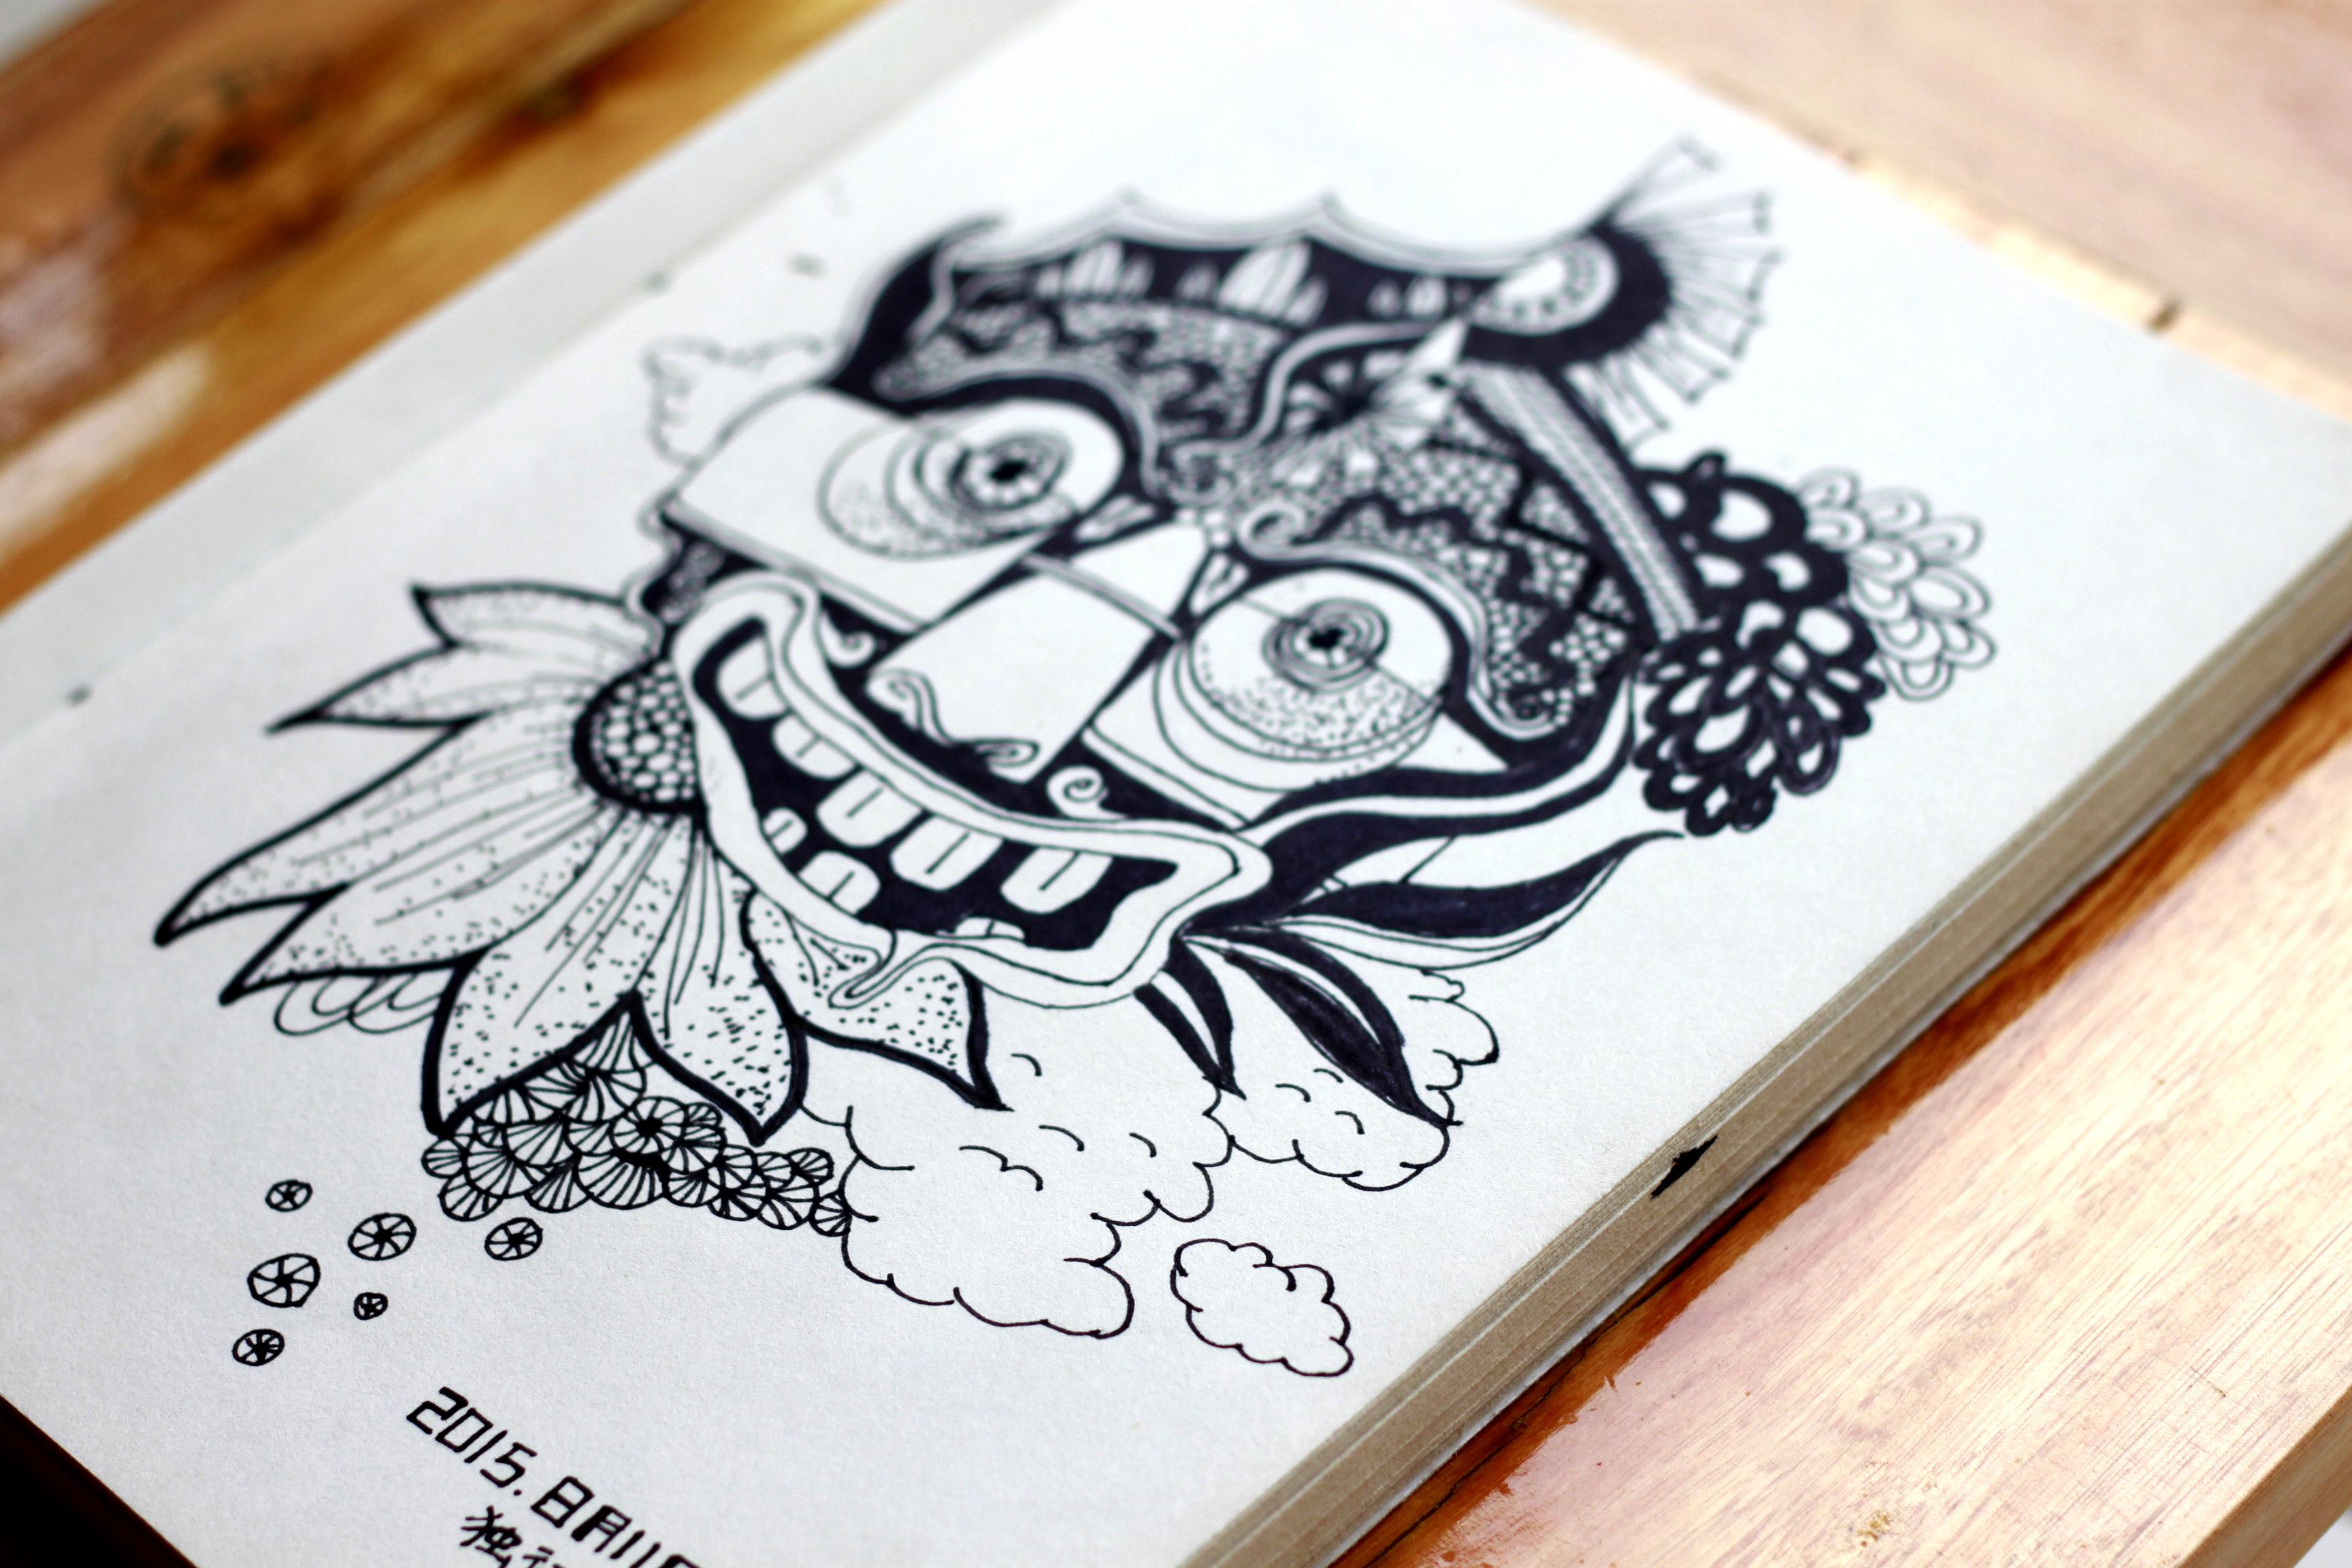 黑白手绘|插画|插画习作|carmen_w - 原创作品 - 站酷